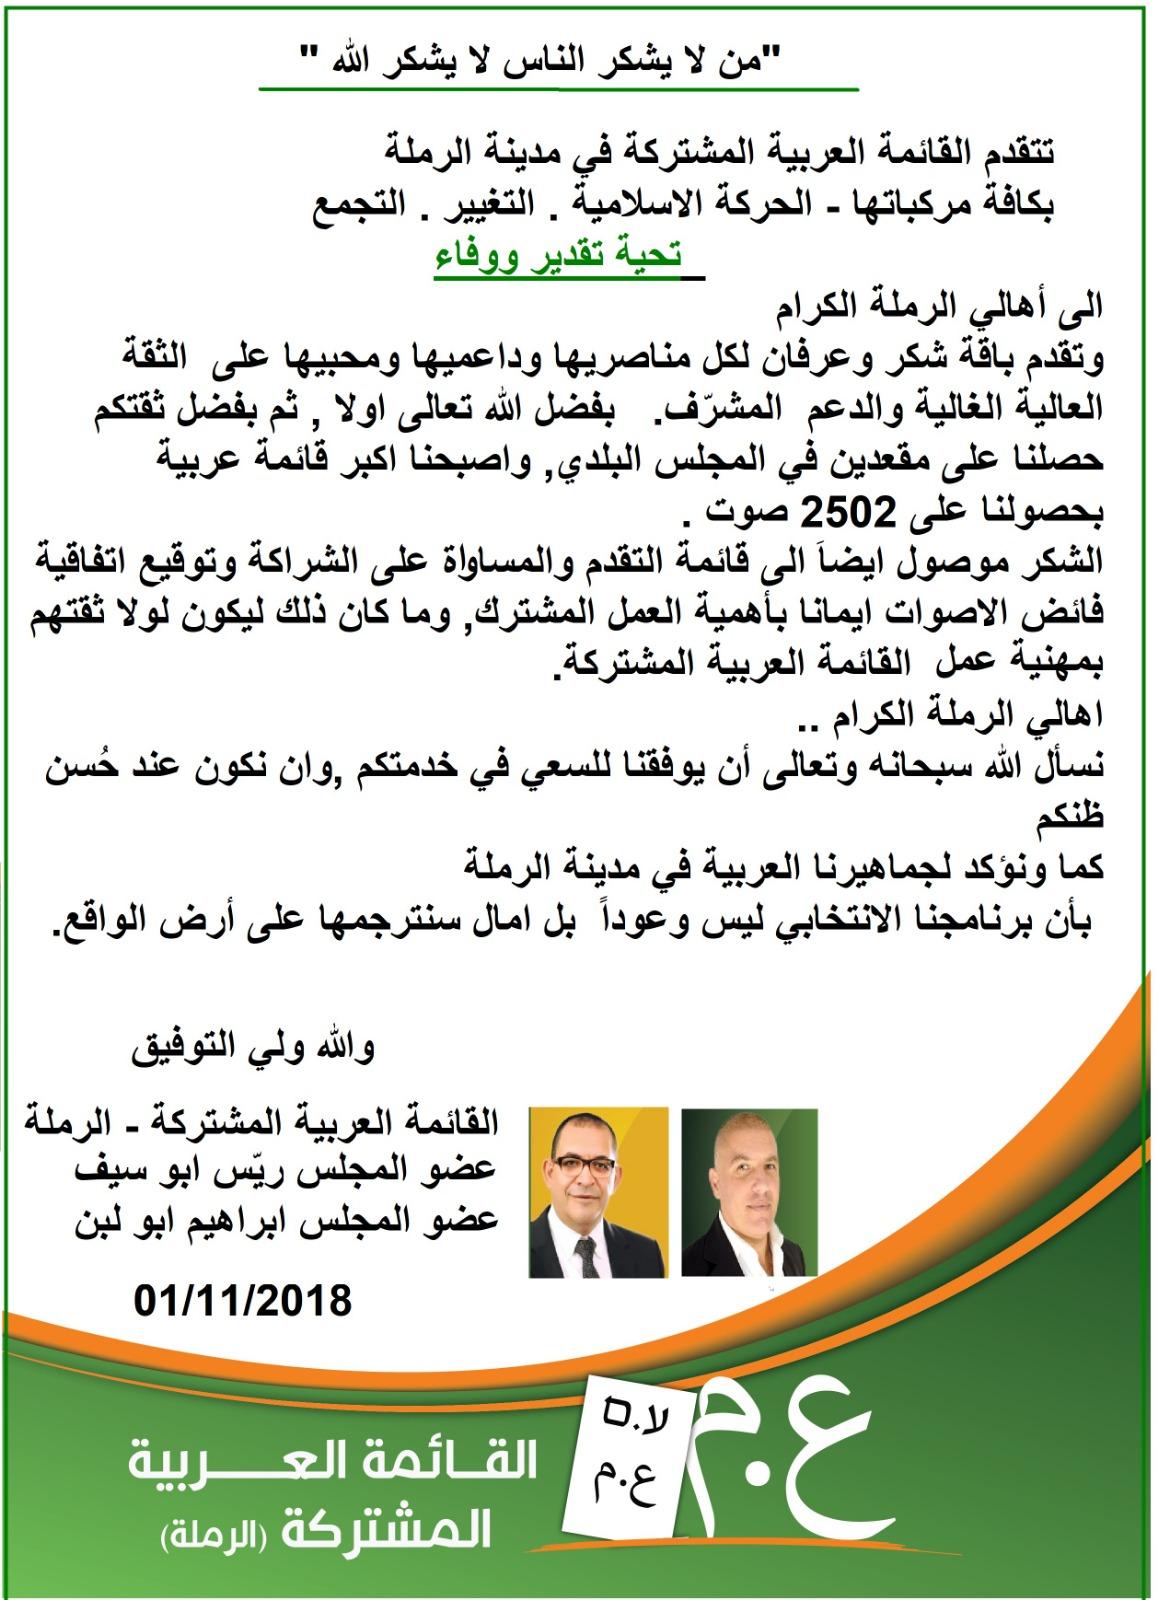 الرملة: القائمة العربية المشتركة تشكر كل من ناصرها ودعمها